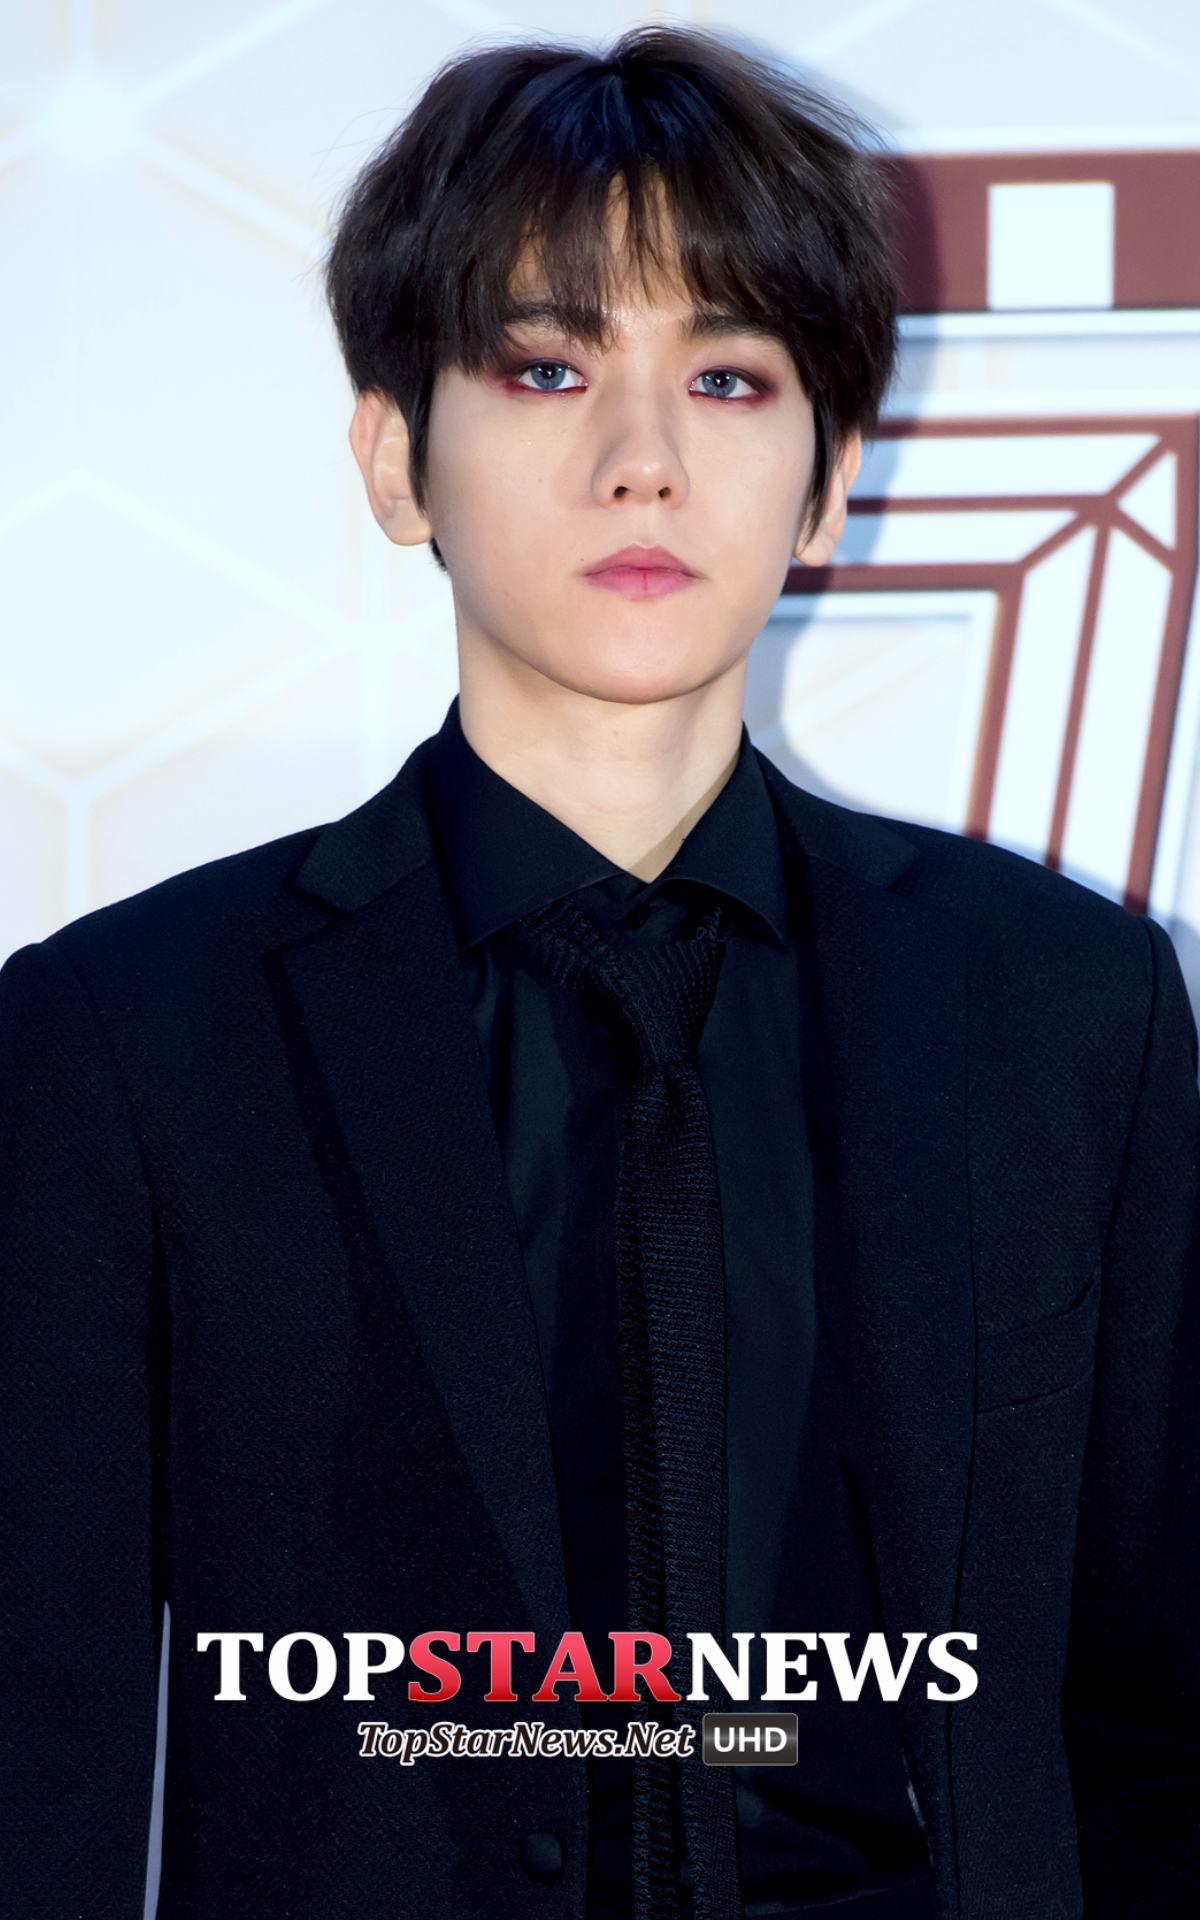 說到EXO,不能忽略的當然是我們伯賢啦!一樣是偏藍色的變色片配上紅色系眼妝之後,板著臉真的就是吸血鬼阿!(貢獻脖子,快來吸我!